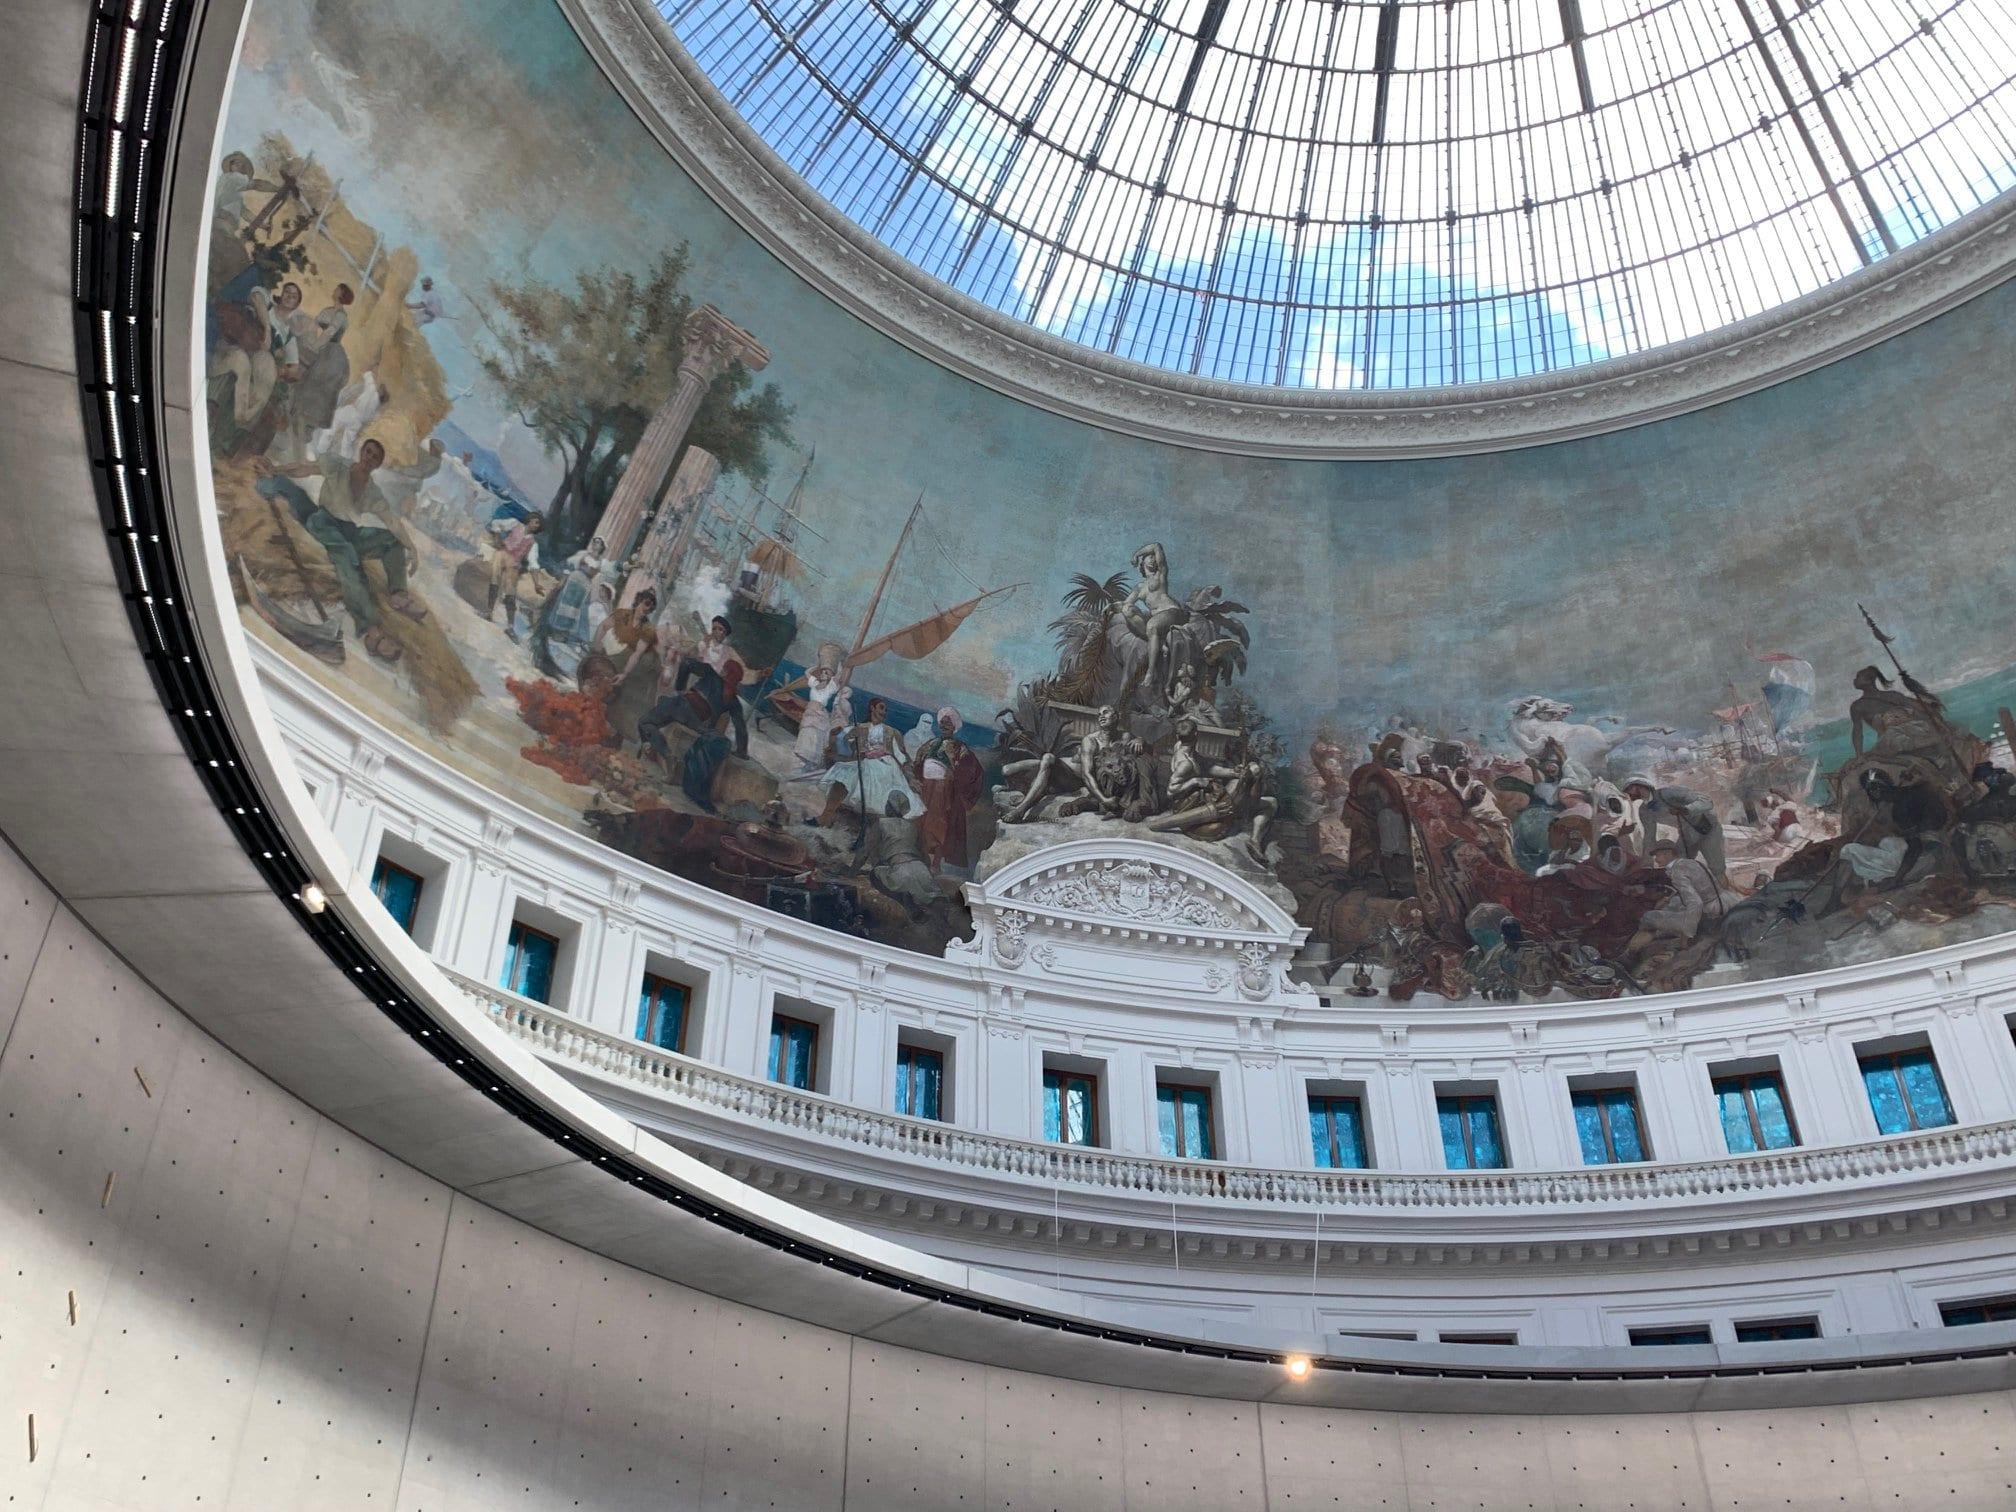 La cupola affrescata della Bourse de Commerce